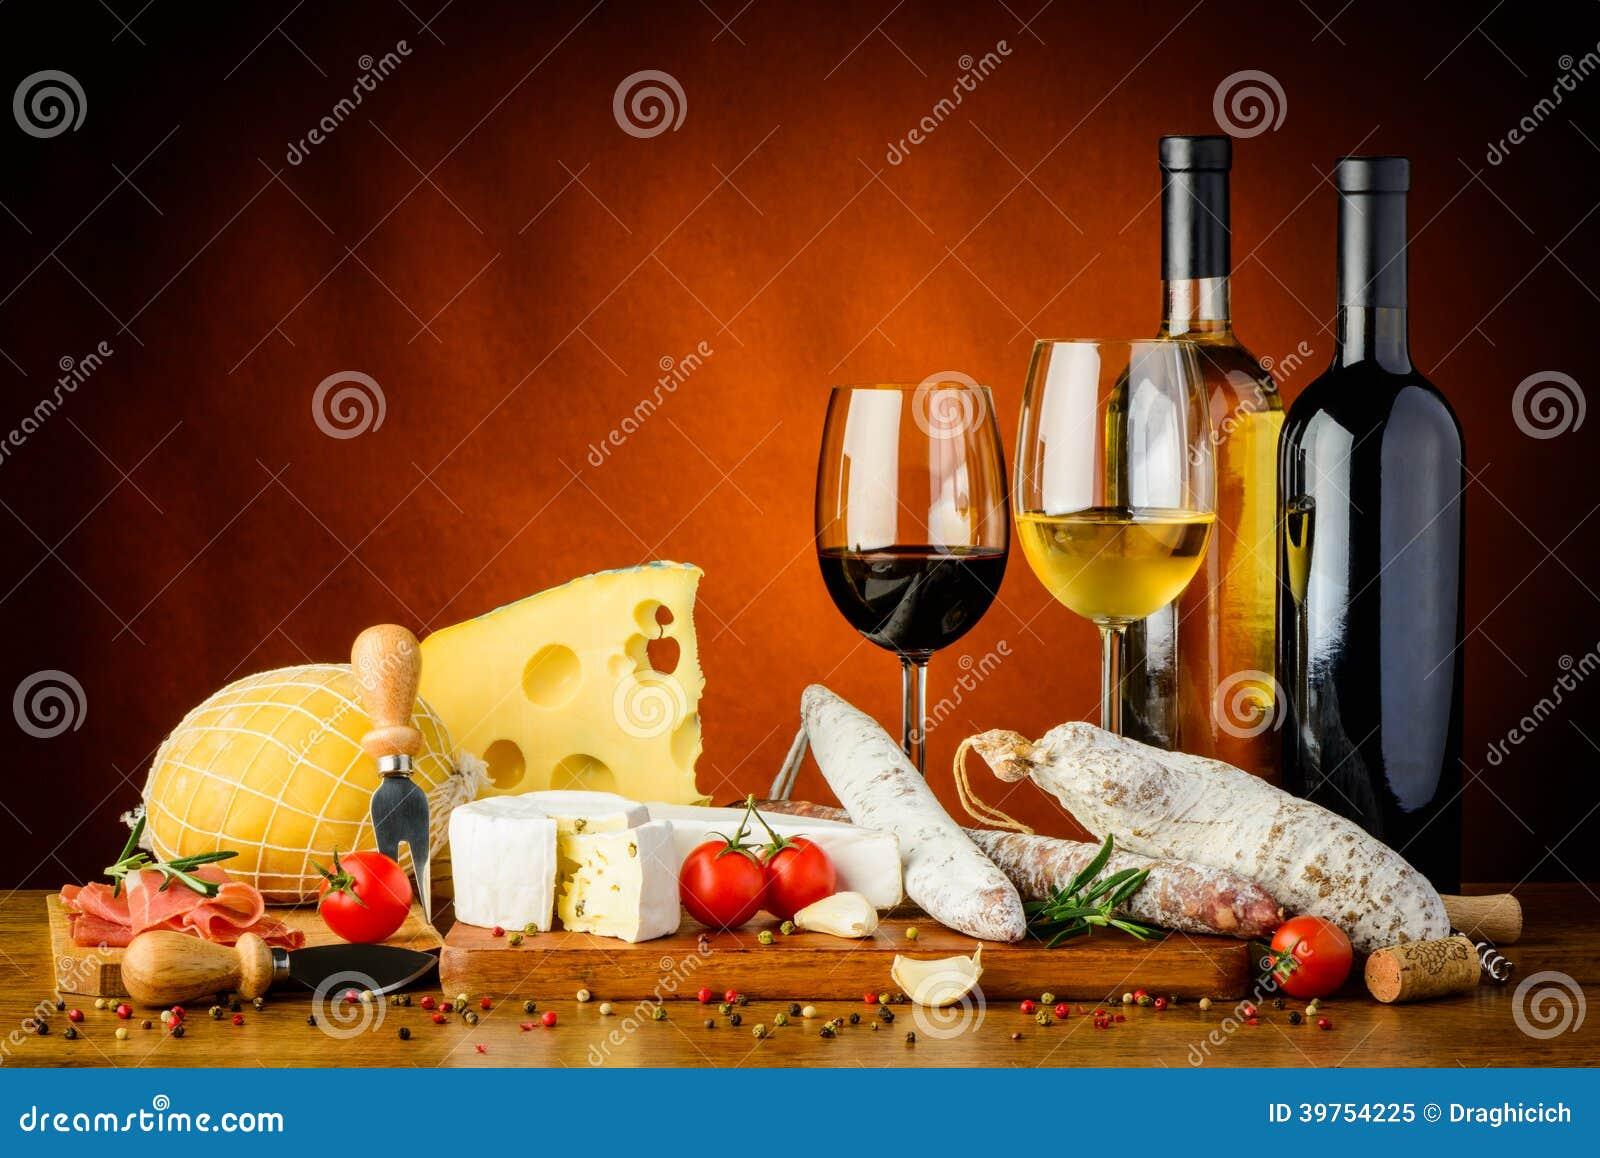 Queso, salchichas y vino